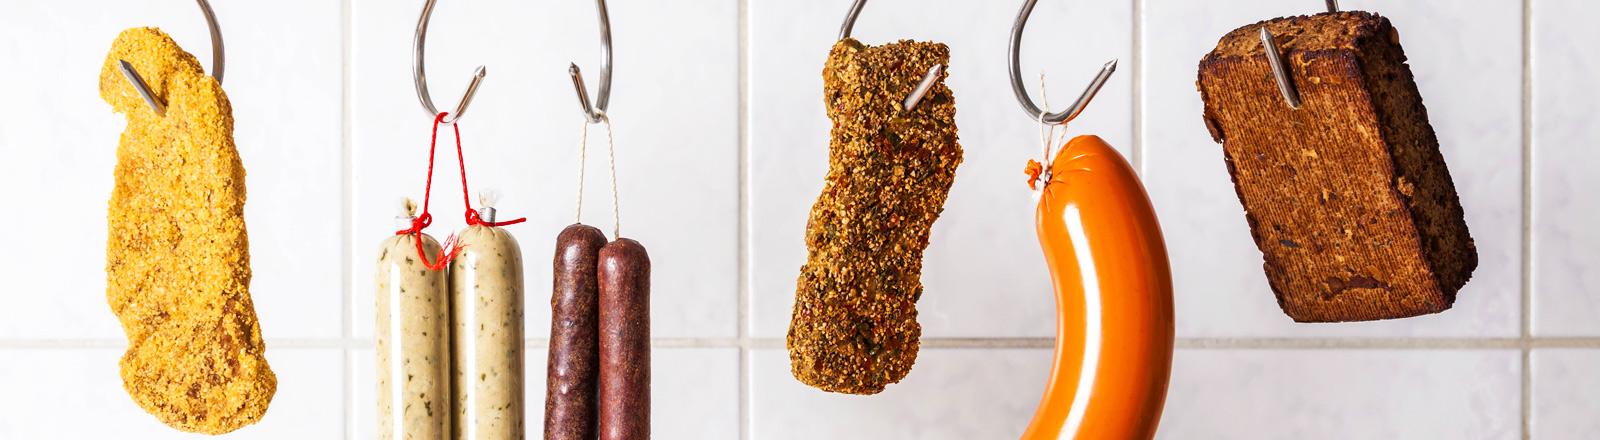 Unterschiedliche vegetarische Fleischersatzprodukte hängen an einem Haken